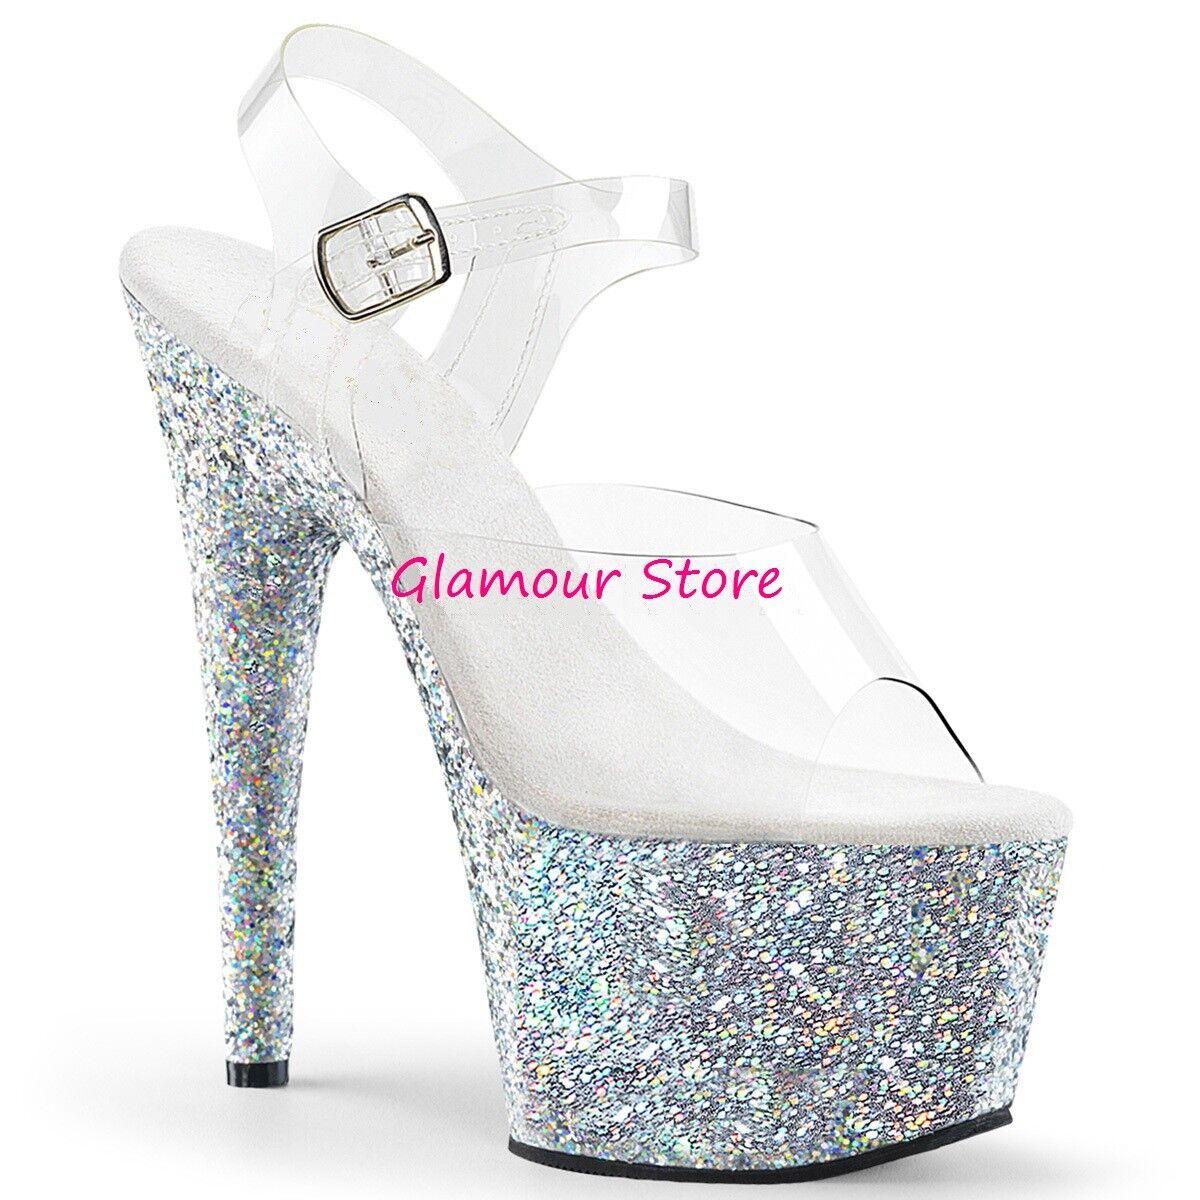 Sexy SANDALI GLITTER plata TRASPARENTE tacco 18 18 18 originali USA zapatos CLUB  tienda de descuento